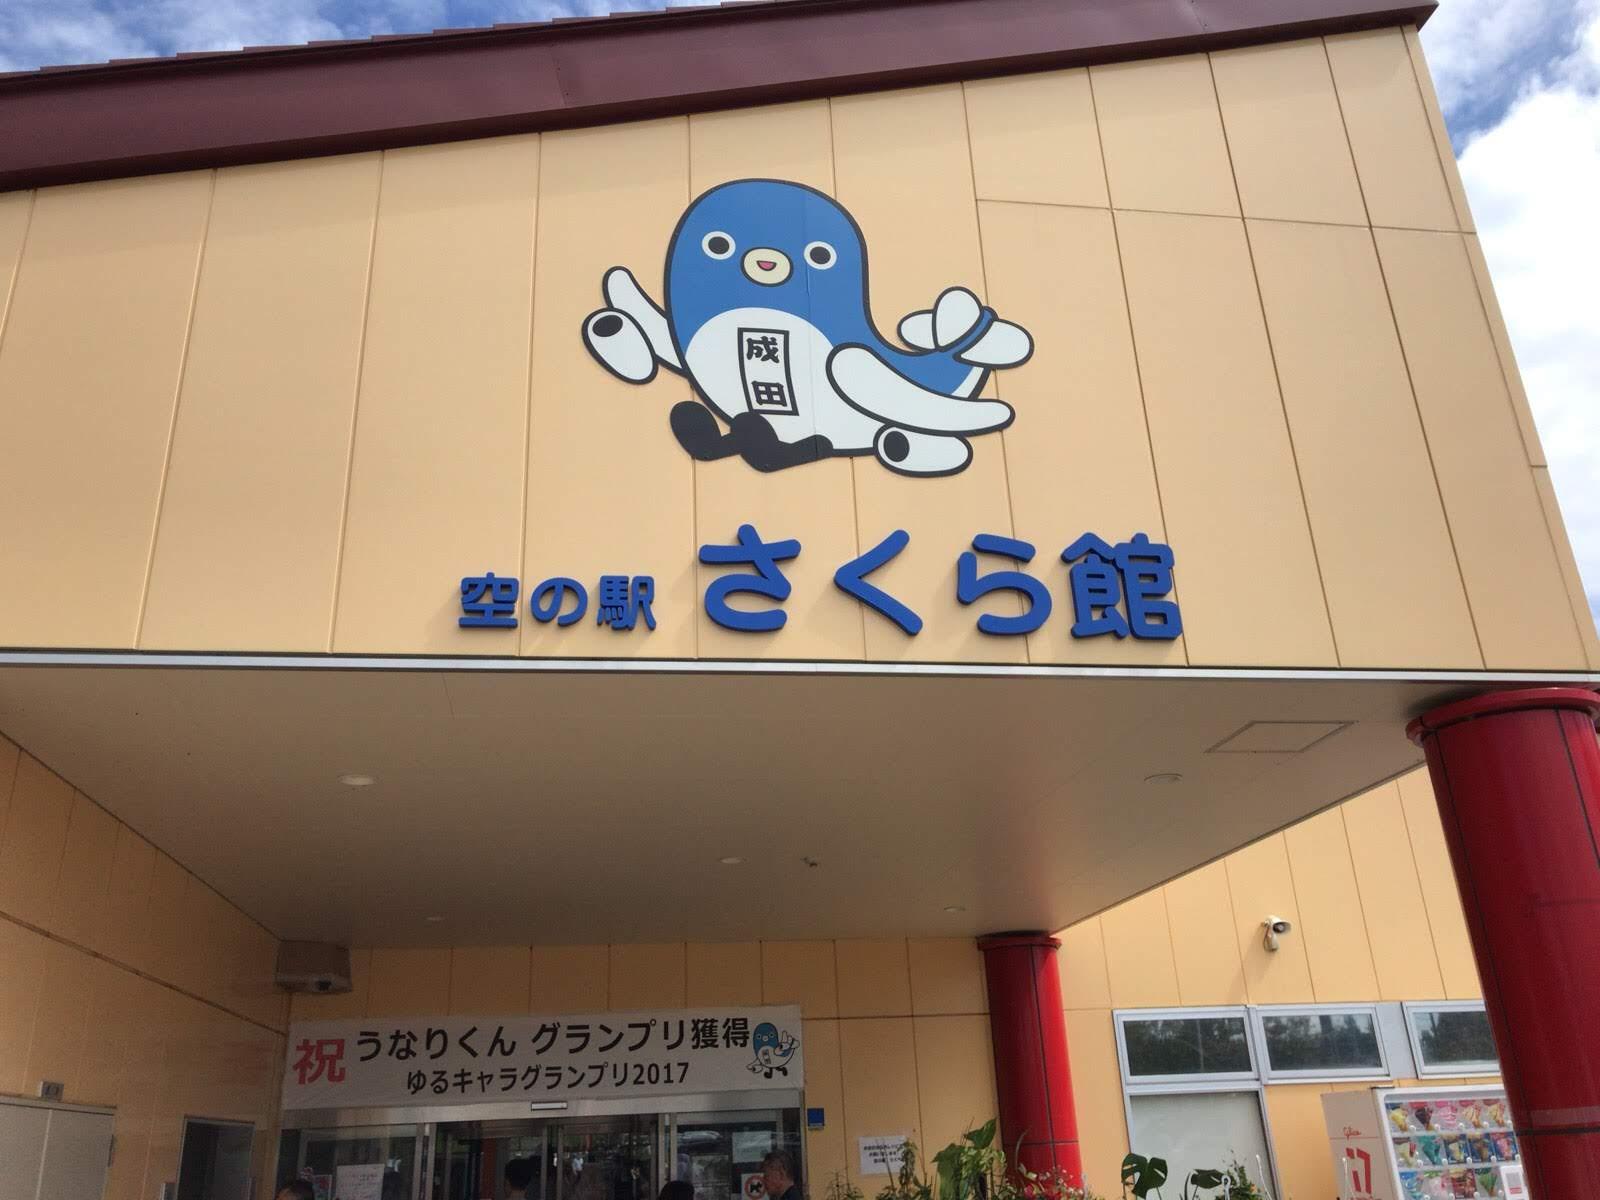 こんな「成田空港周辺のゆるキャラ」でした。